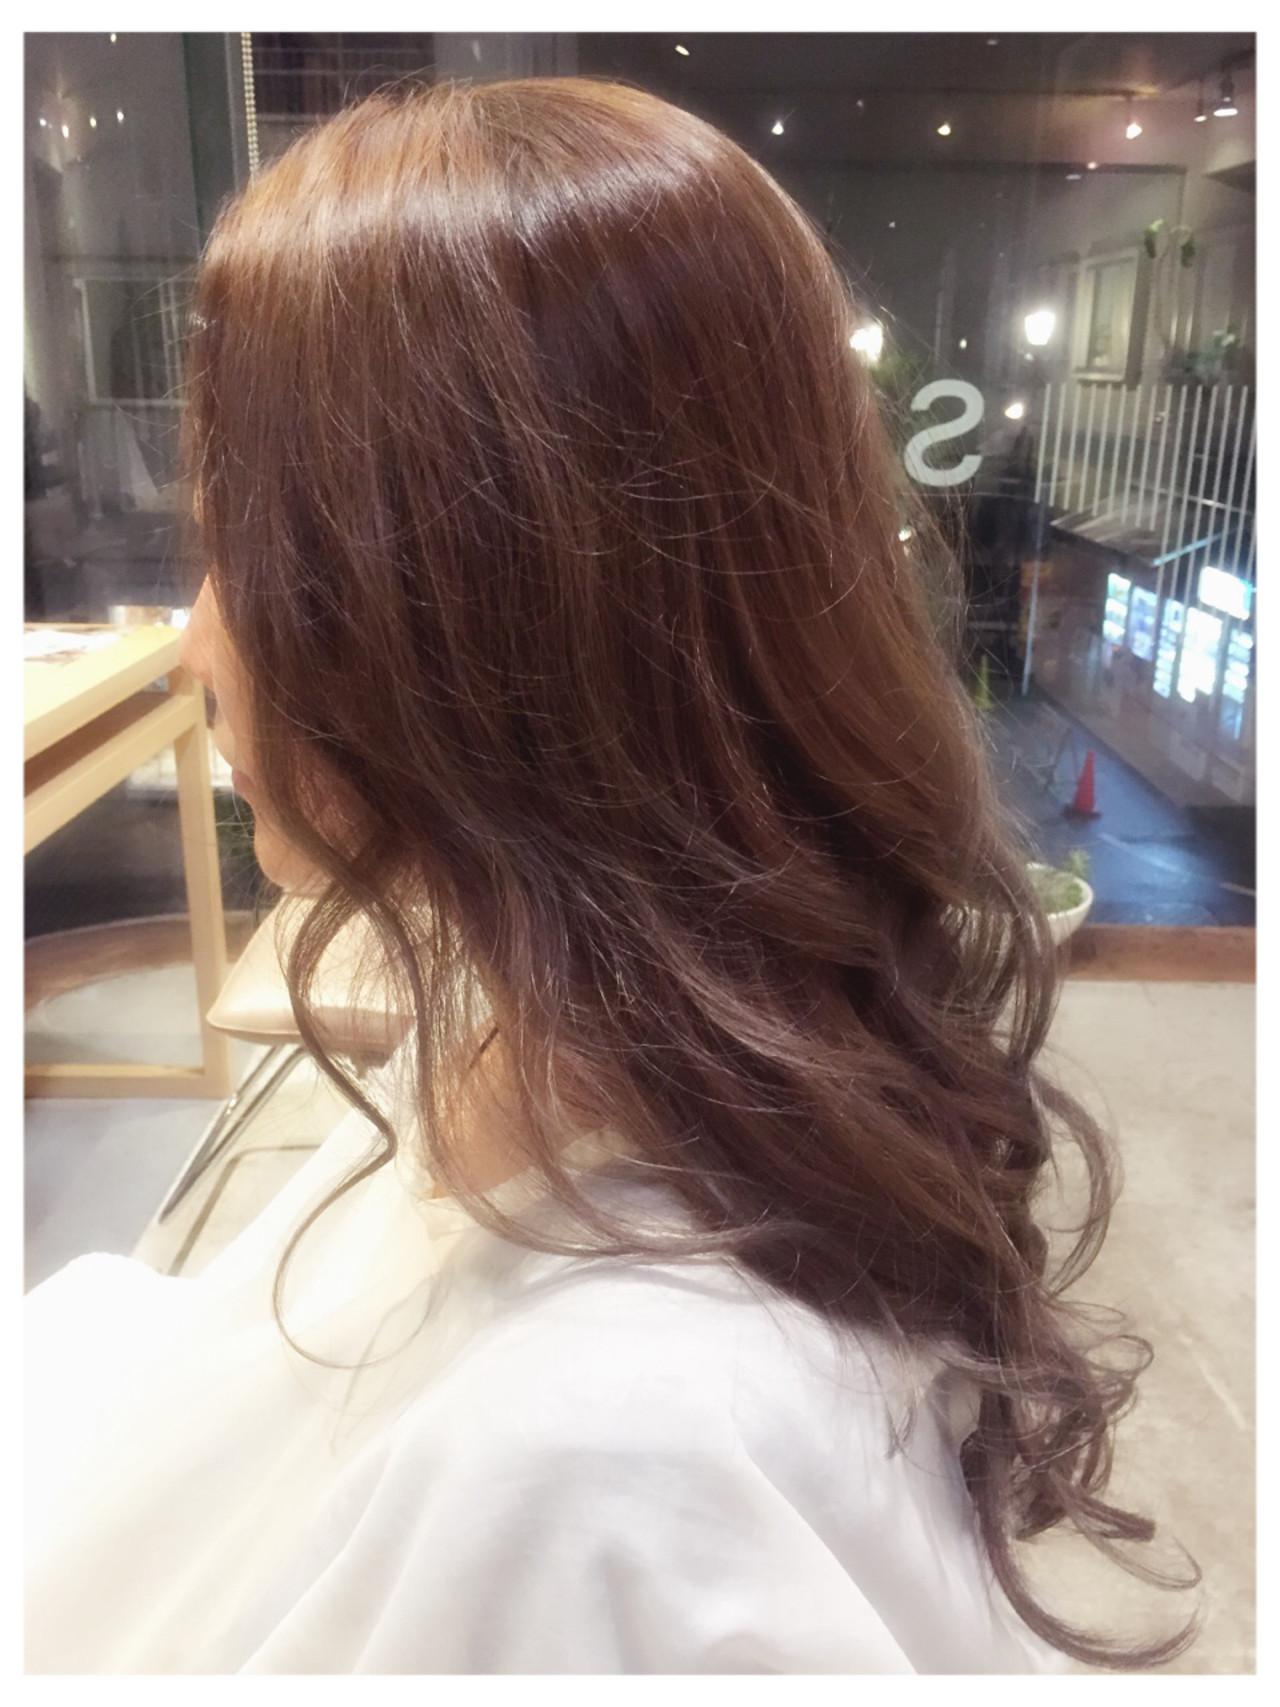 モード グレージュ スモーキーアッシュ 外国人風 ヘアスタイルや髪型の写真・画像 | 黒澤貴裕 / SORA